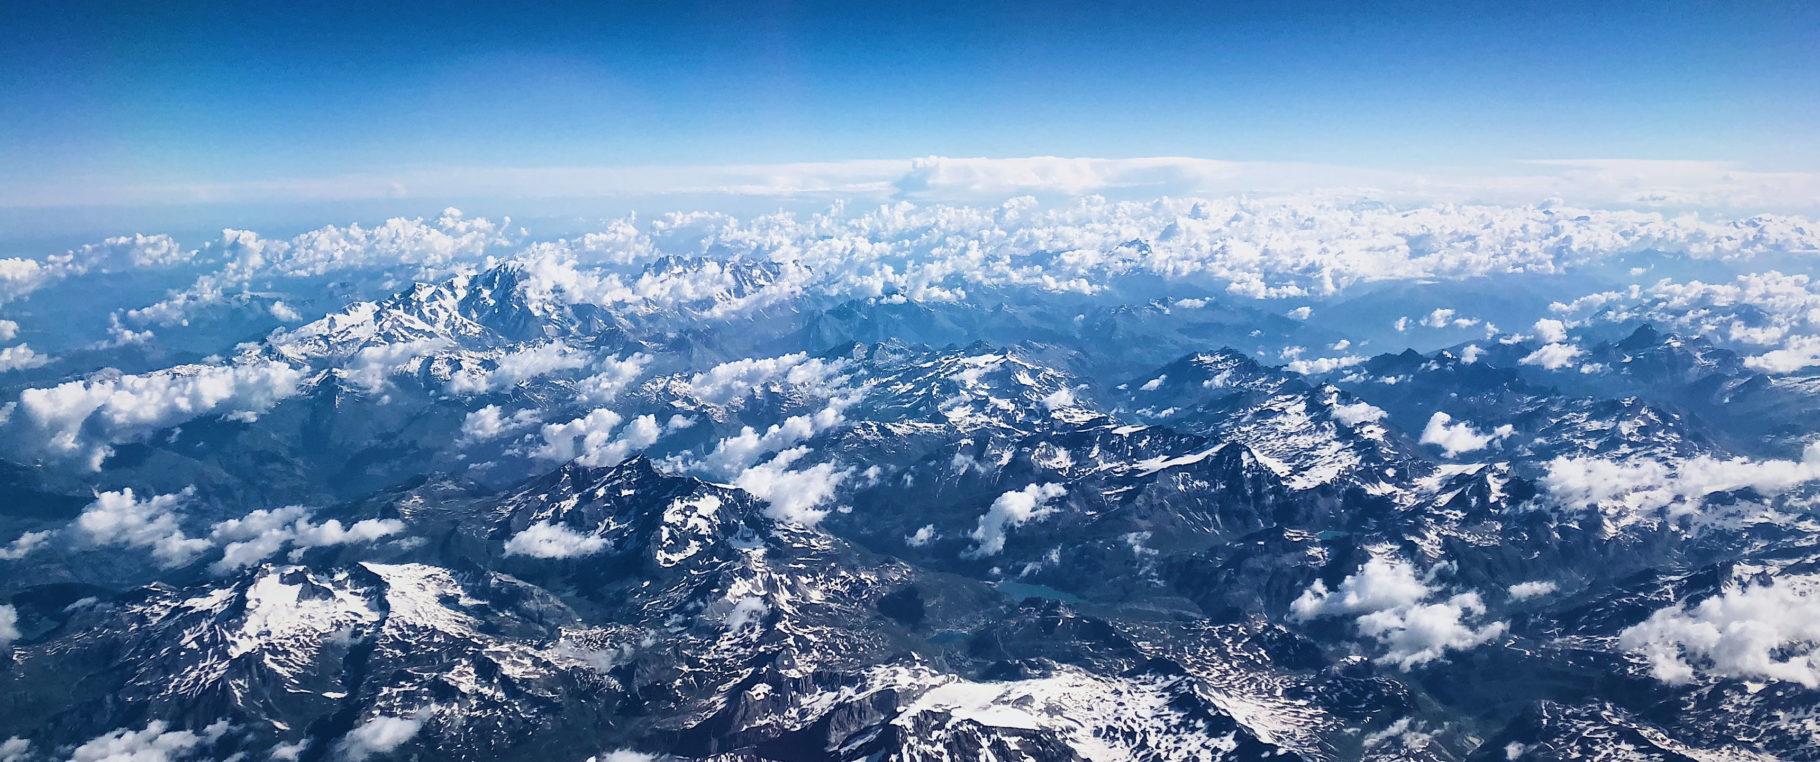 Plane View (3440×1440 Wallpaper)   3440x1440 Wallpapers